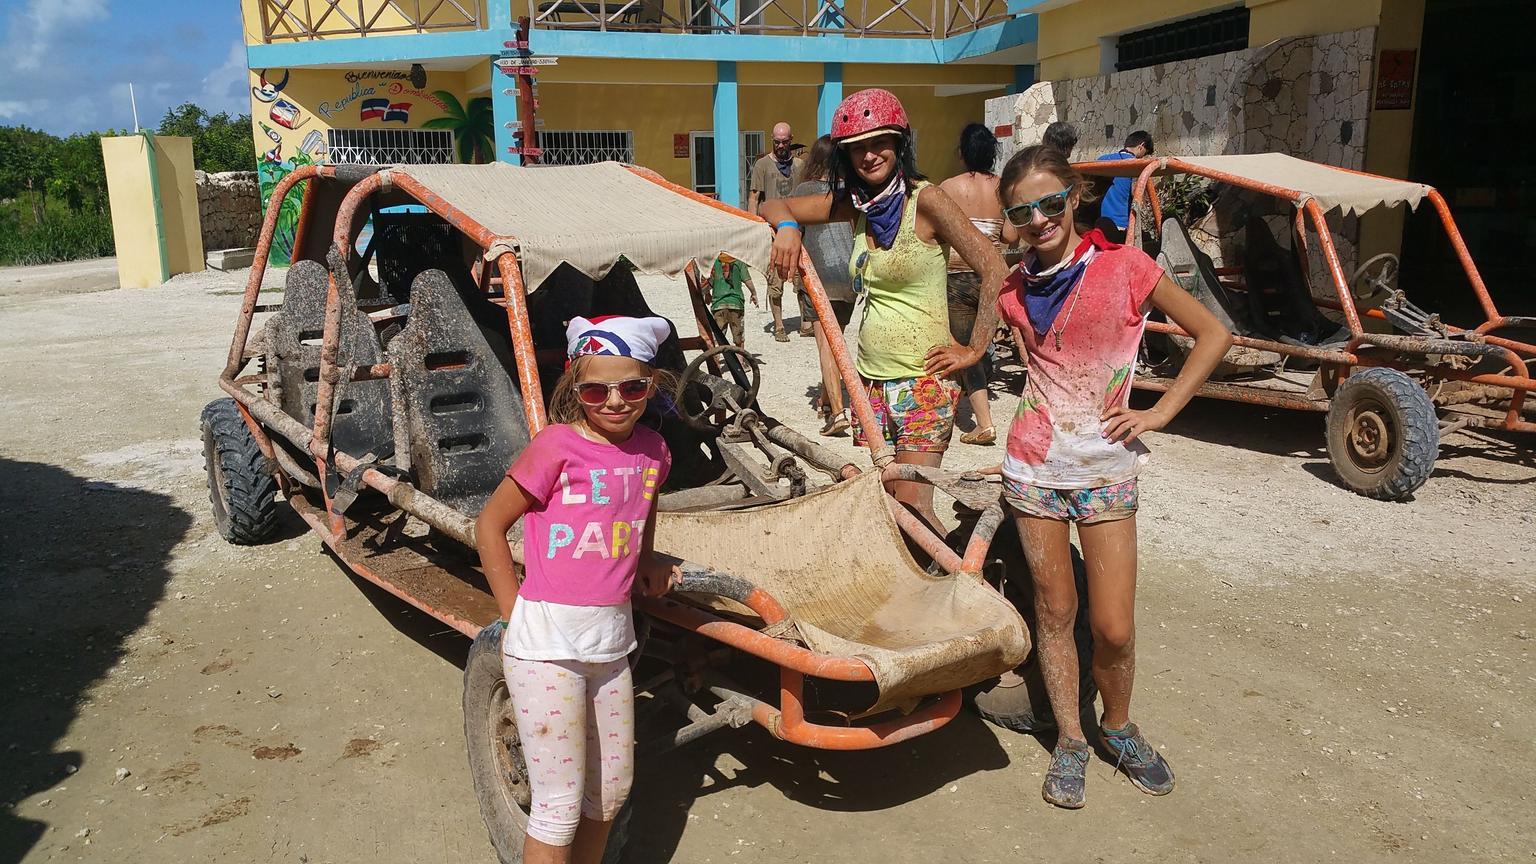 MÁS FOTOS, Family Buggy Adventure in Punta Cana